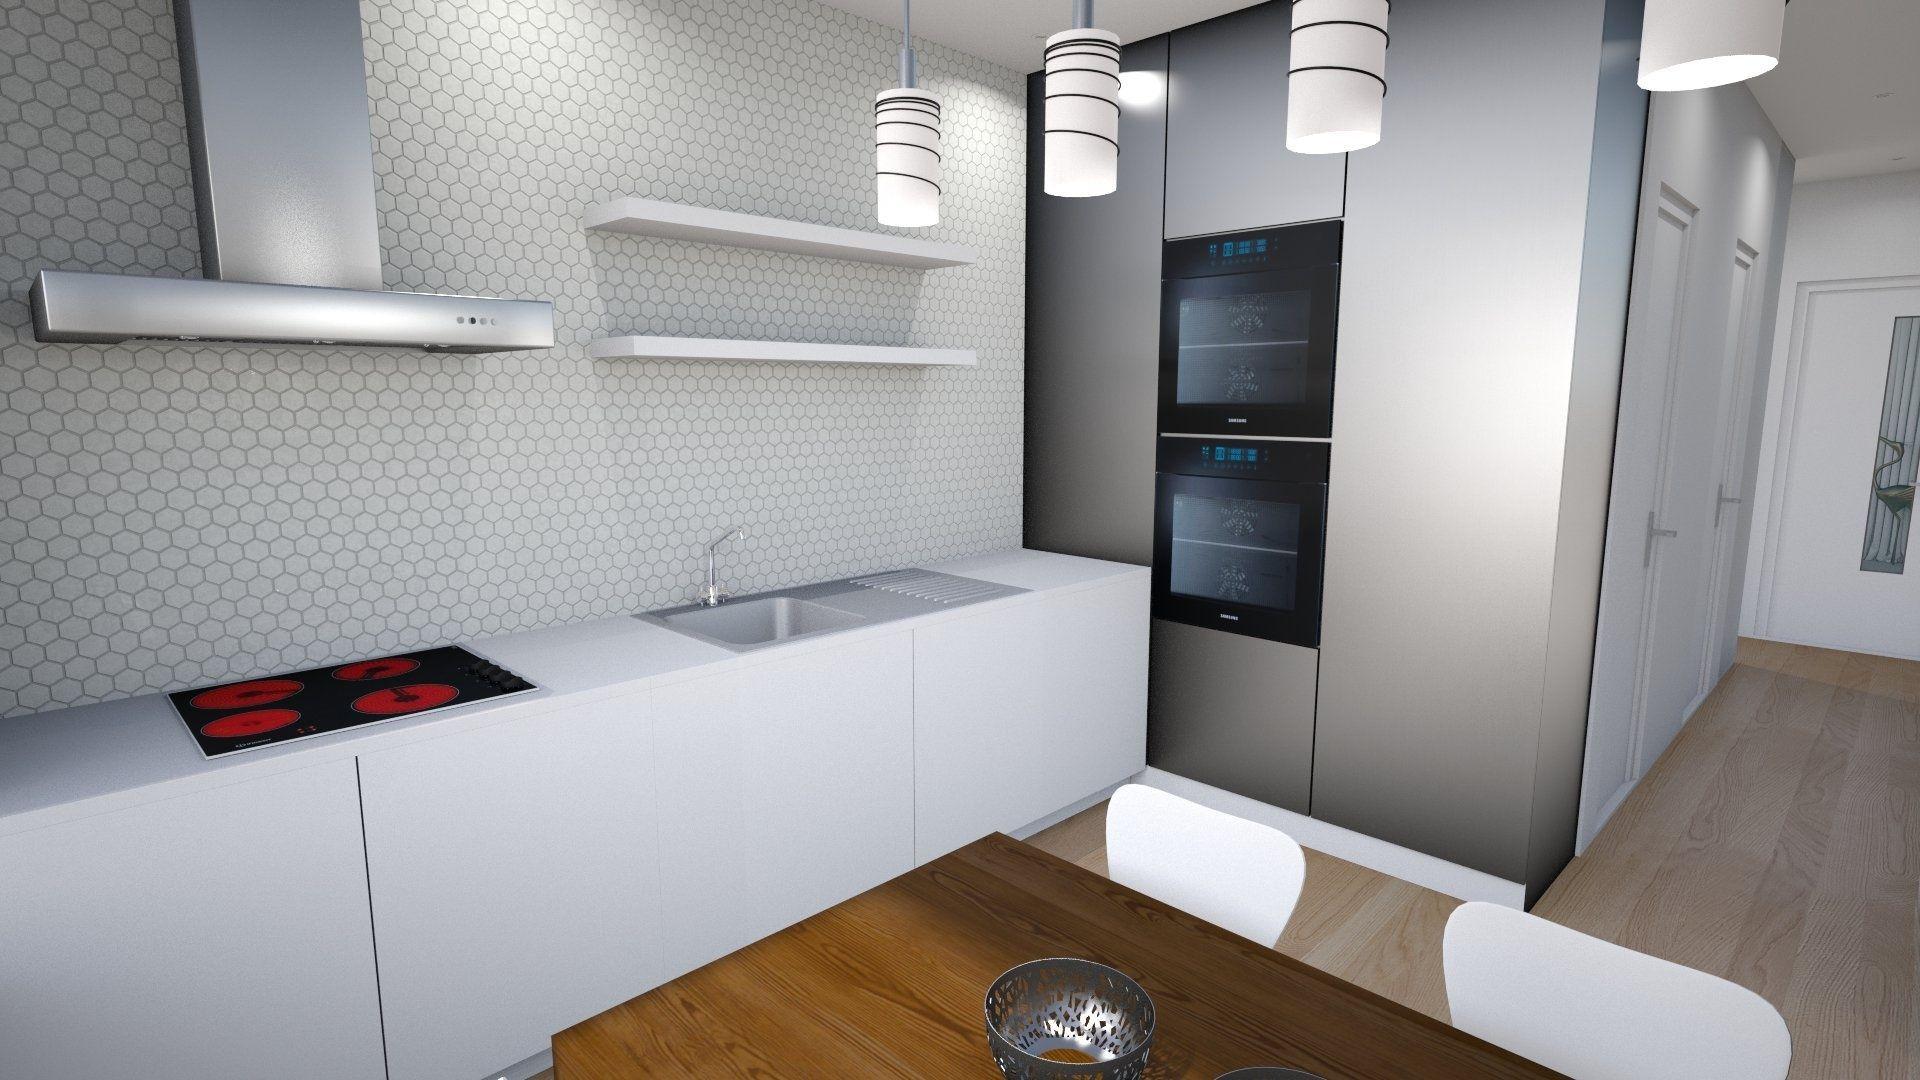 4-izbový byt-Predaj-Bratislava - mestská časť Ružinov-261000.00 €